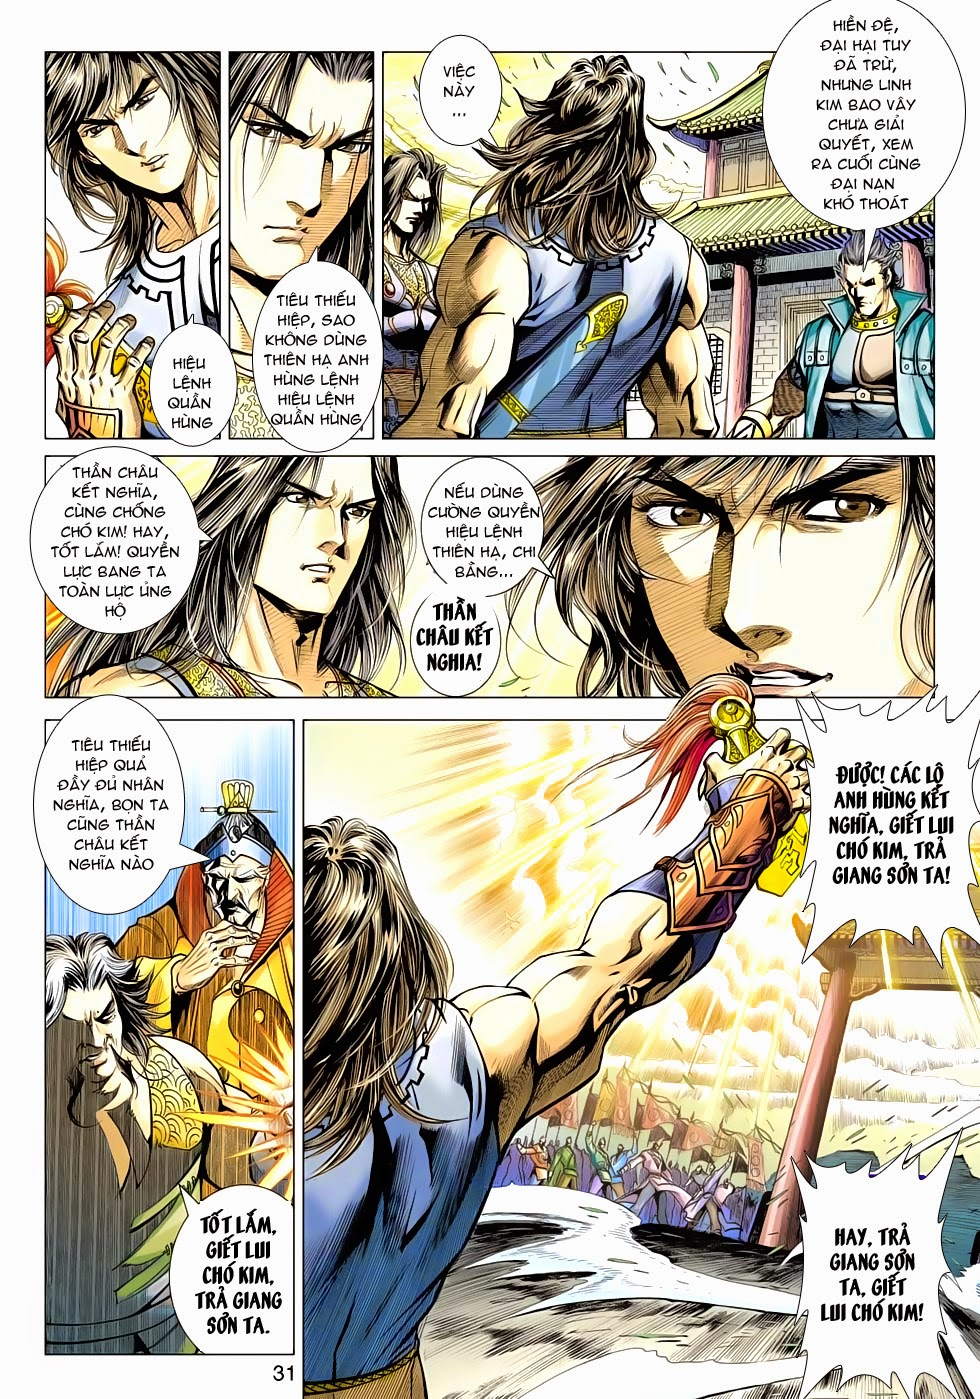 Thần Châu Kỳ Hiệp chap 32 – End Trang 31 - Mangak.info